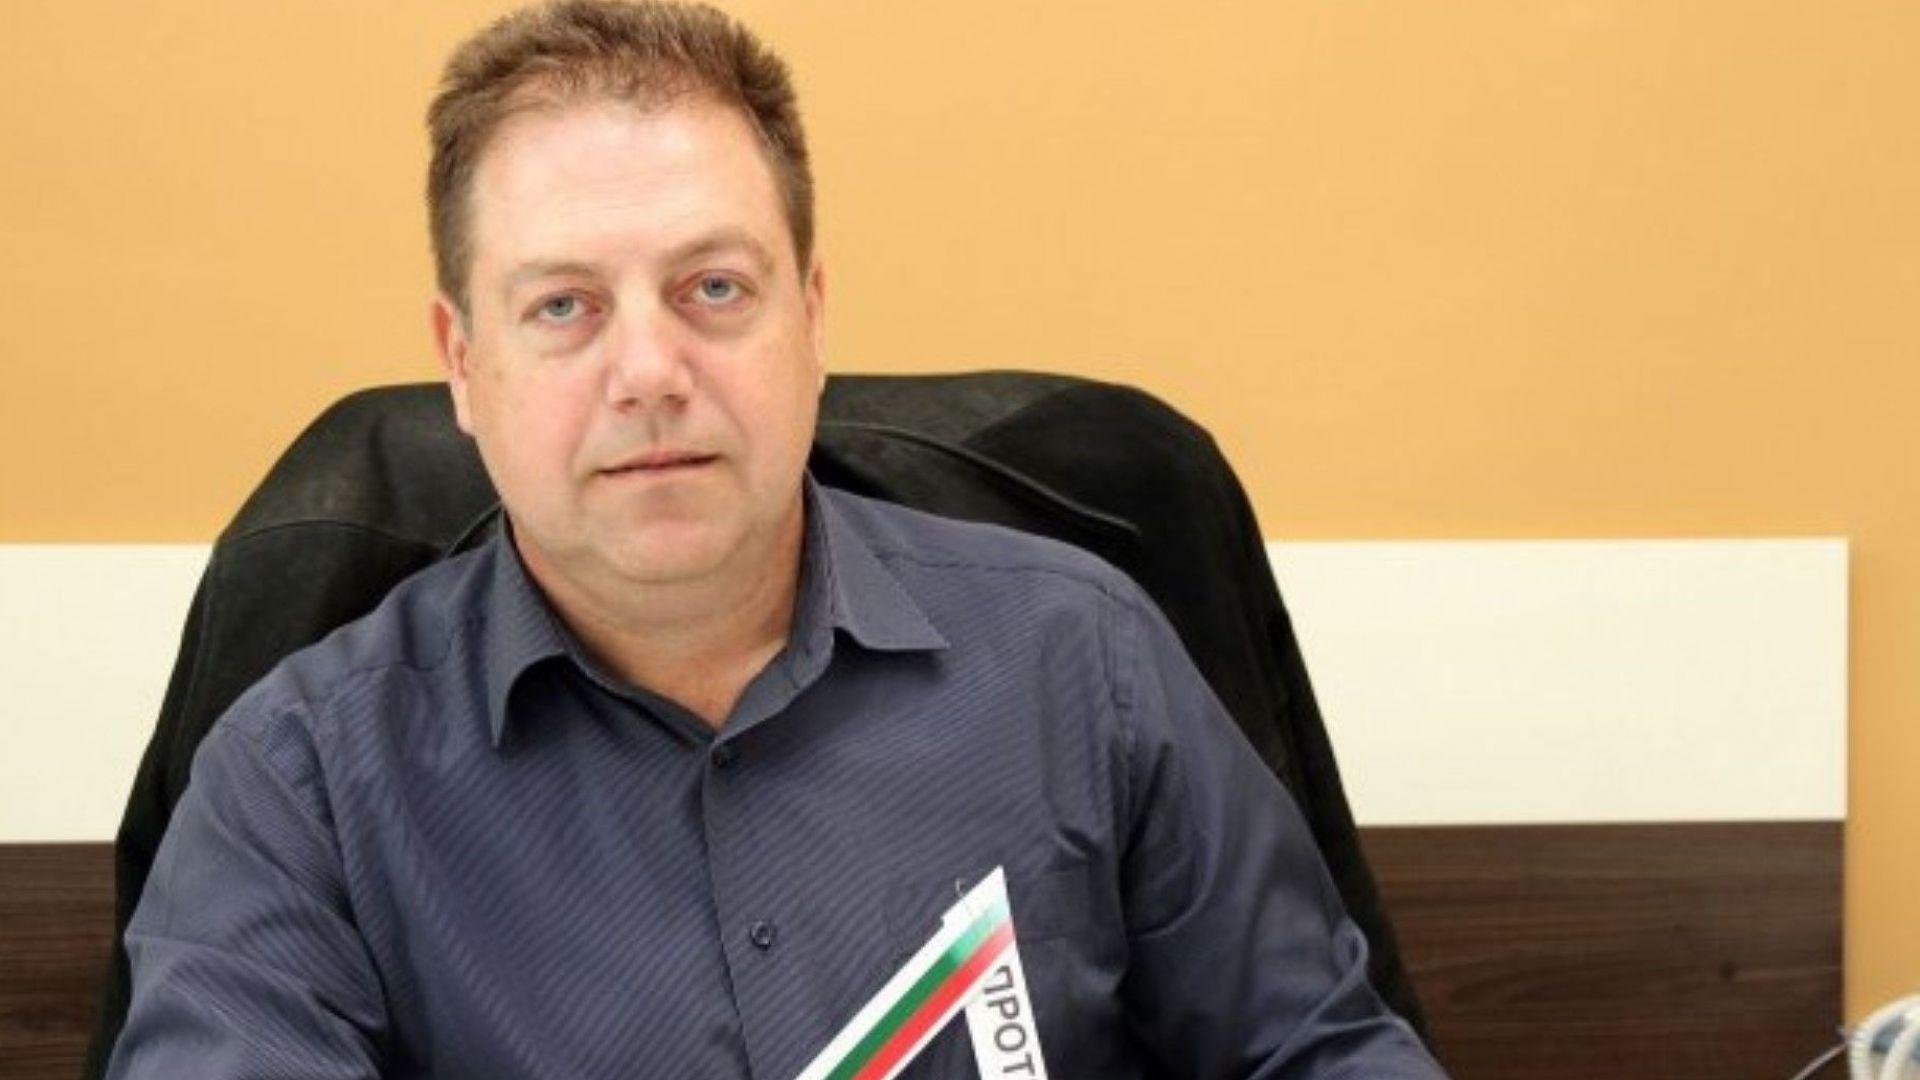 Д-р Иван Маджаров е новият председател на Българския лекарски съюз